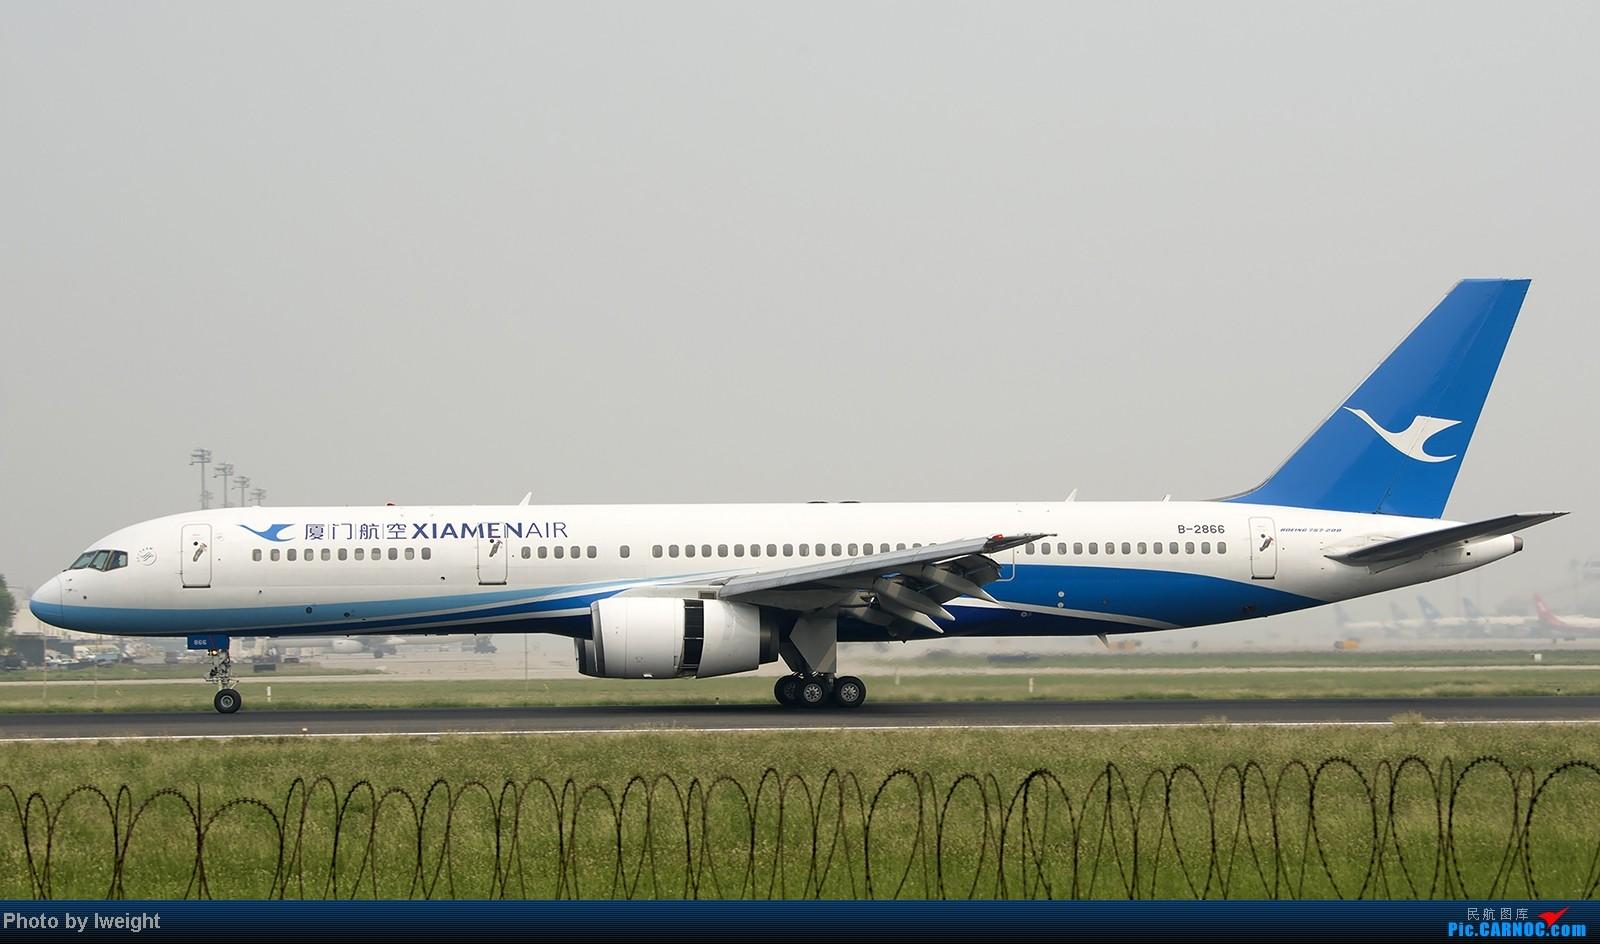 Re:[原创]9月7日帝都的烂天里乱拍一通 BOEING 757-200 B-2866 中国北京首都机场